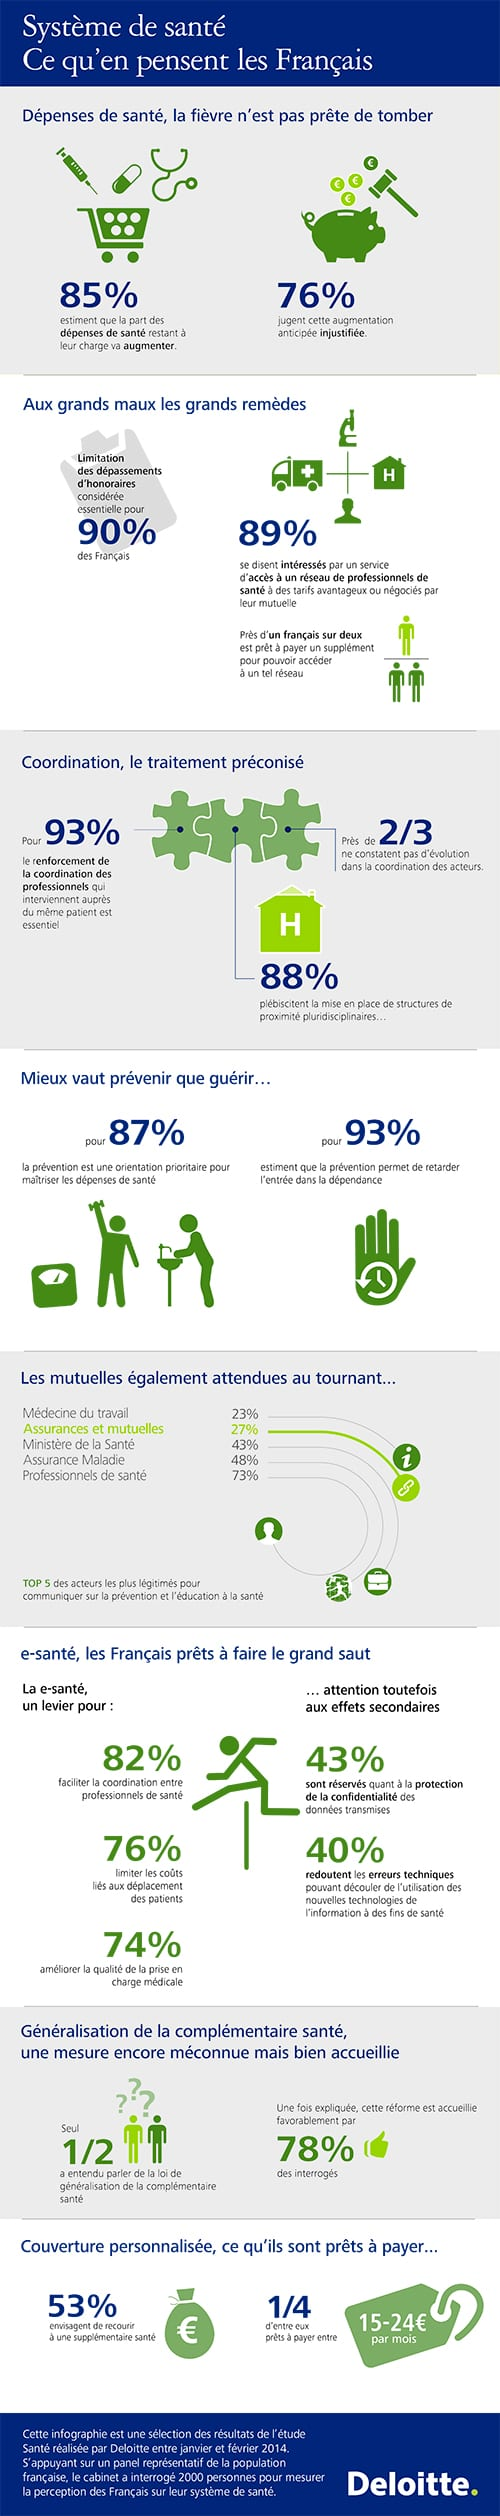 Infographie Santé 2014 Deloitte